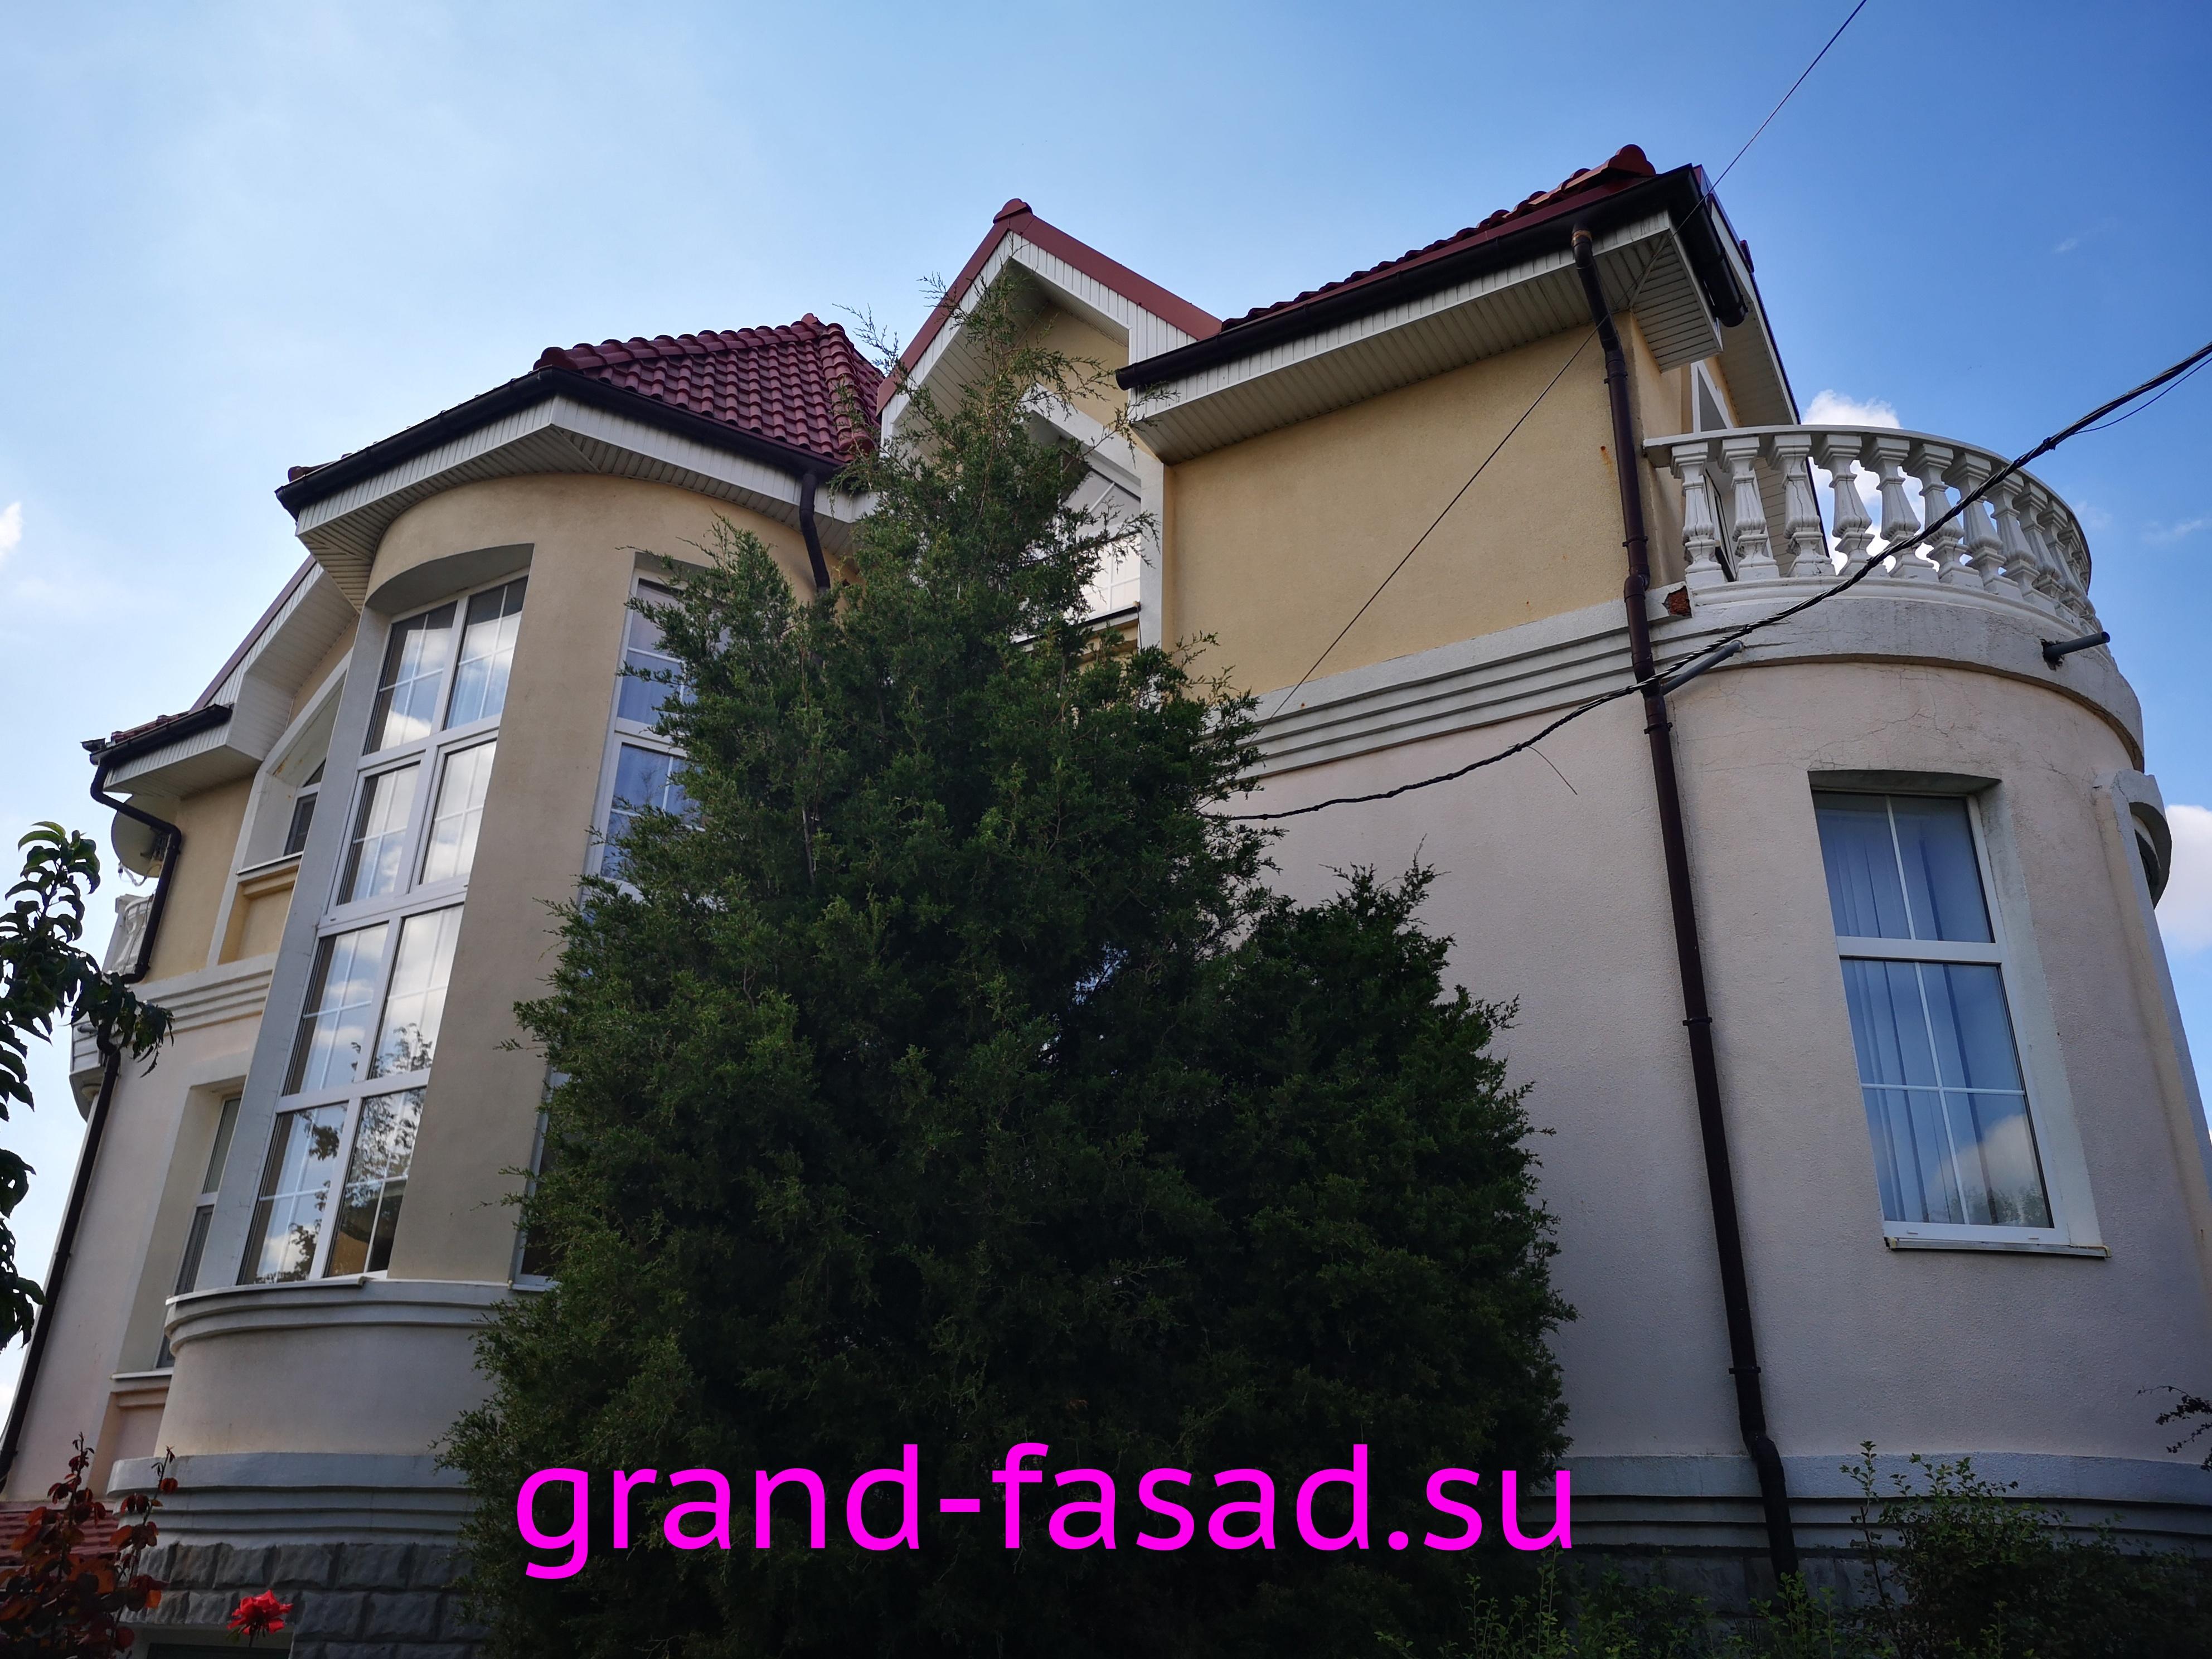 Ремонт фасада многоквартирных домов в москве